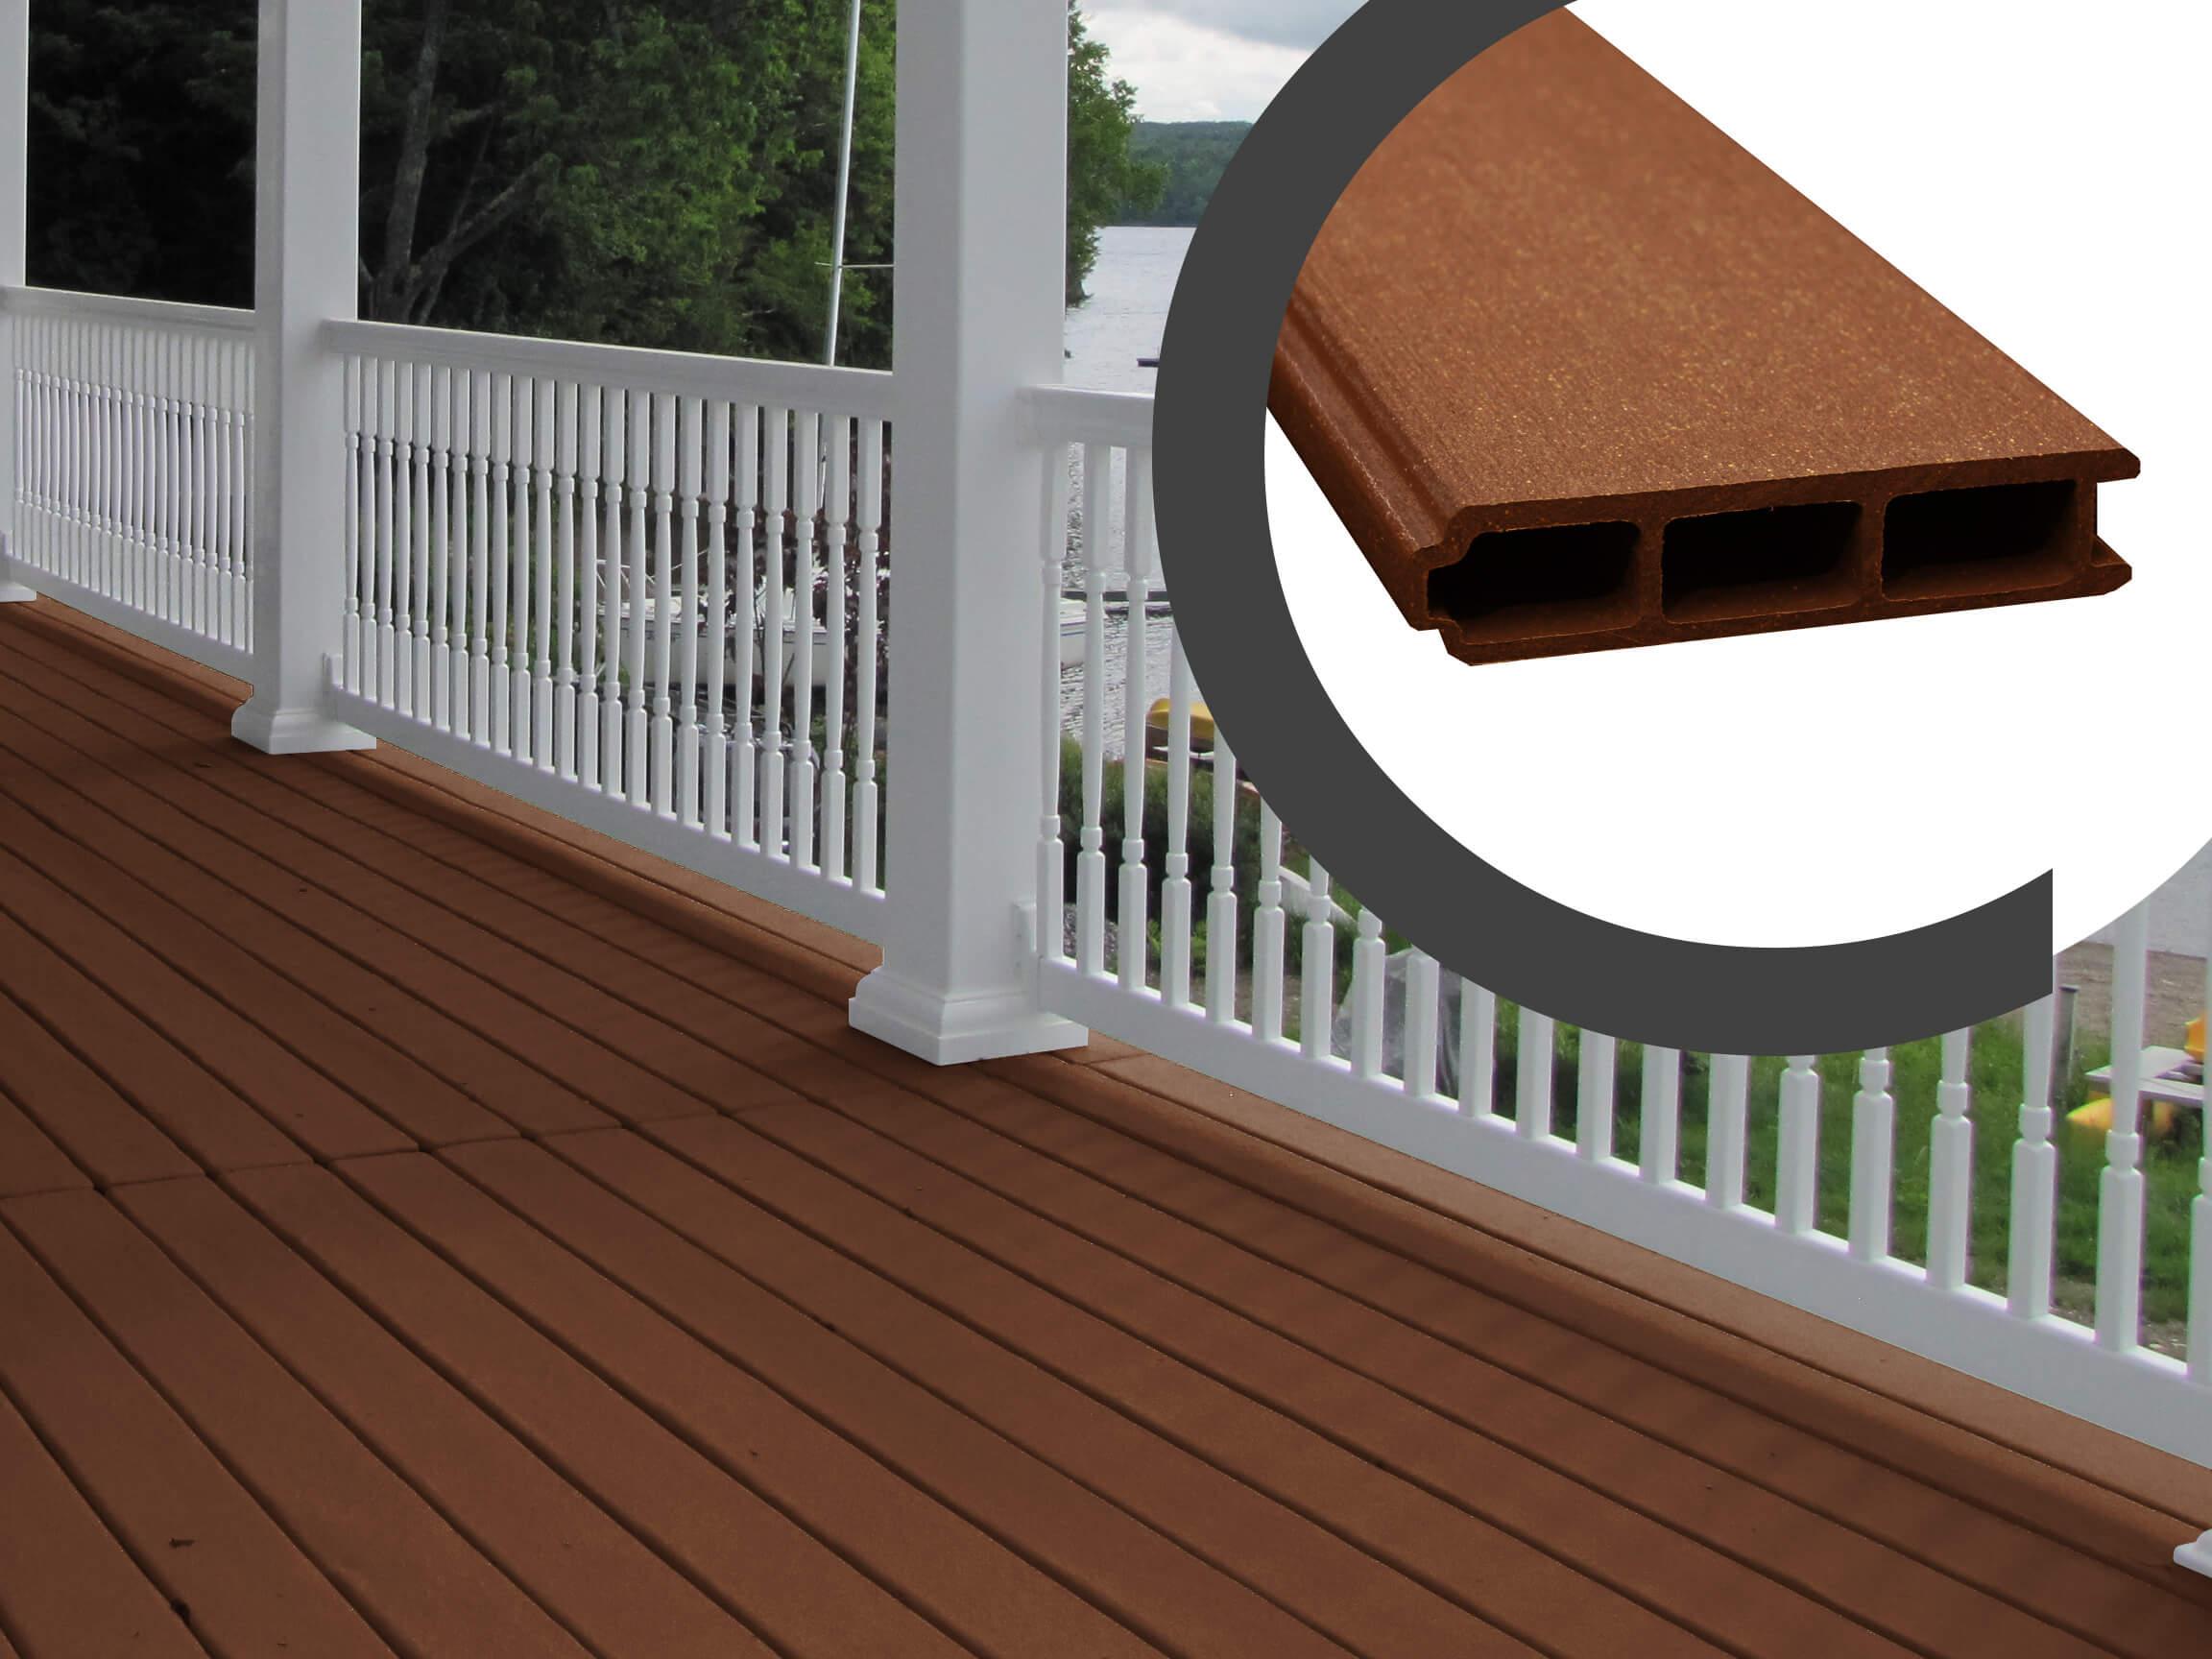 Planches de balcon embouvet es idekk cam mat for Planche pvc exterieur